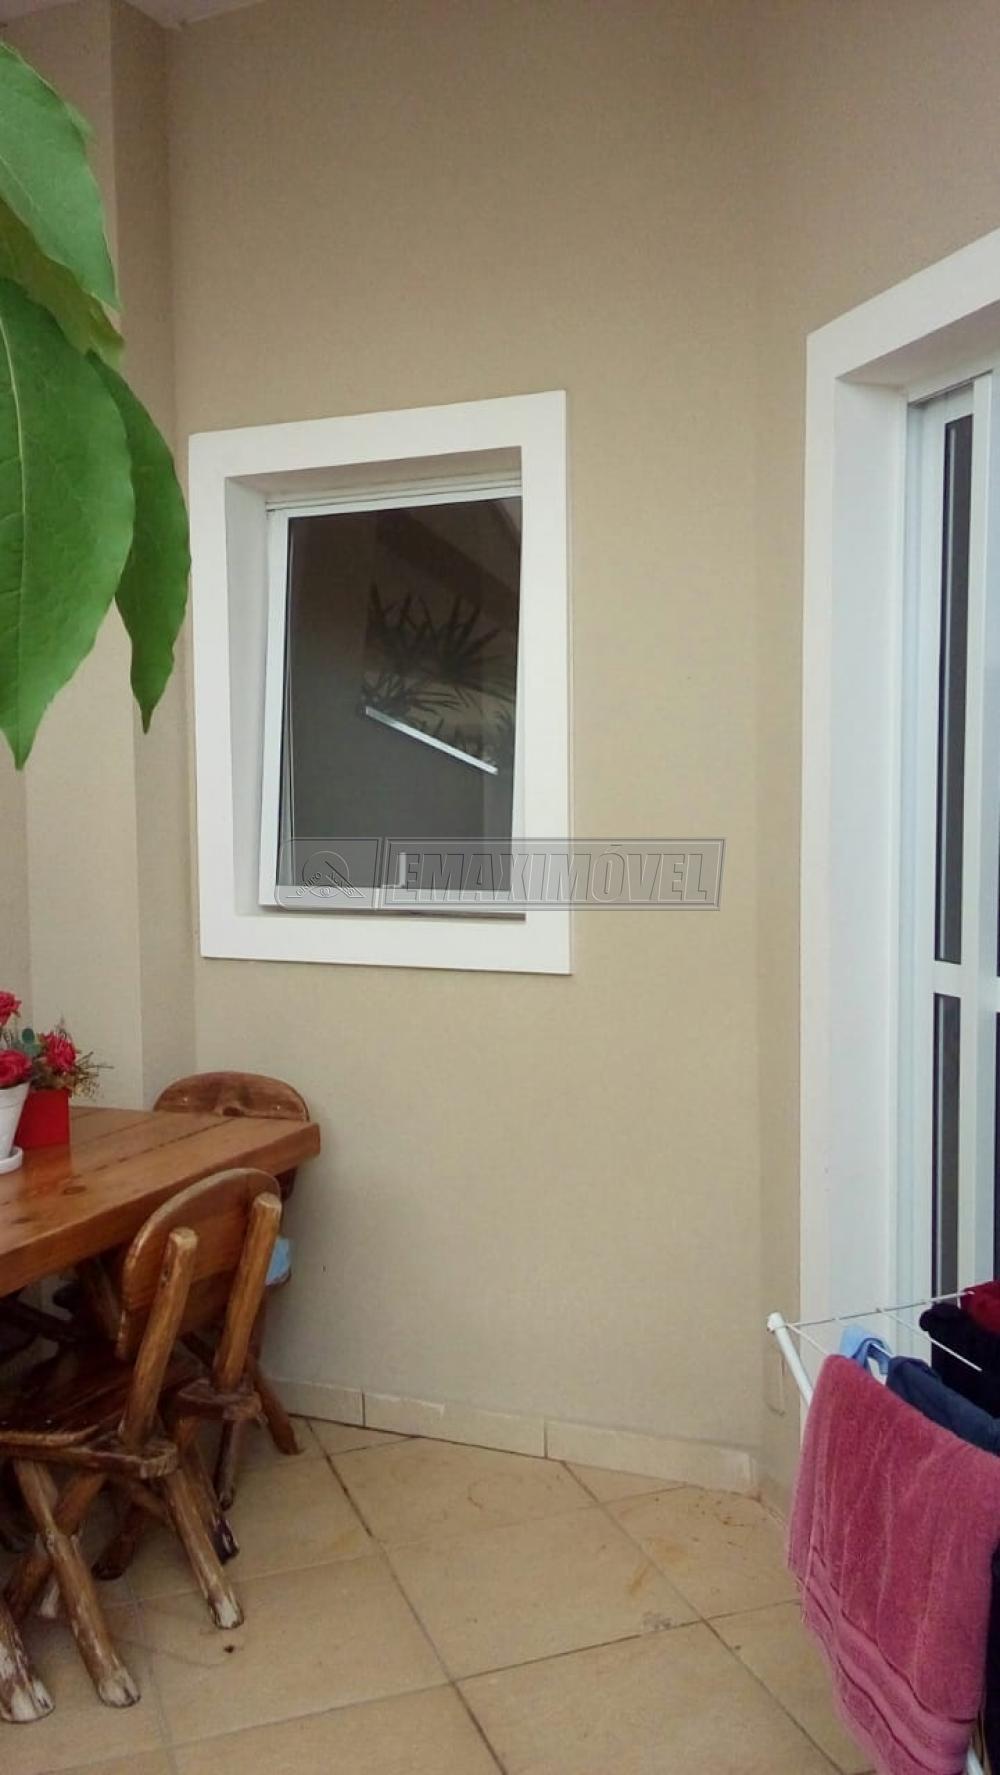 Comprar Apartamentos / Apto Padrão em Sorocaba apenas R$ 395.000,00 - Foto 18